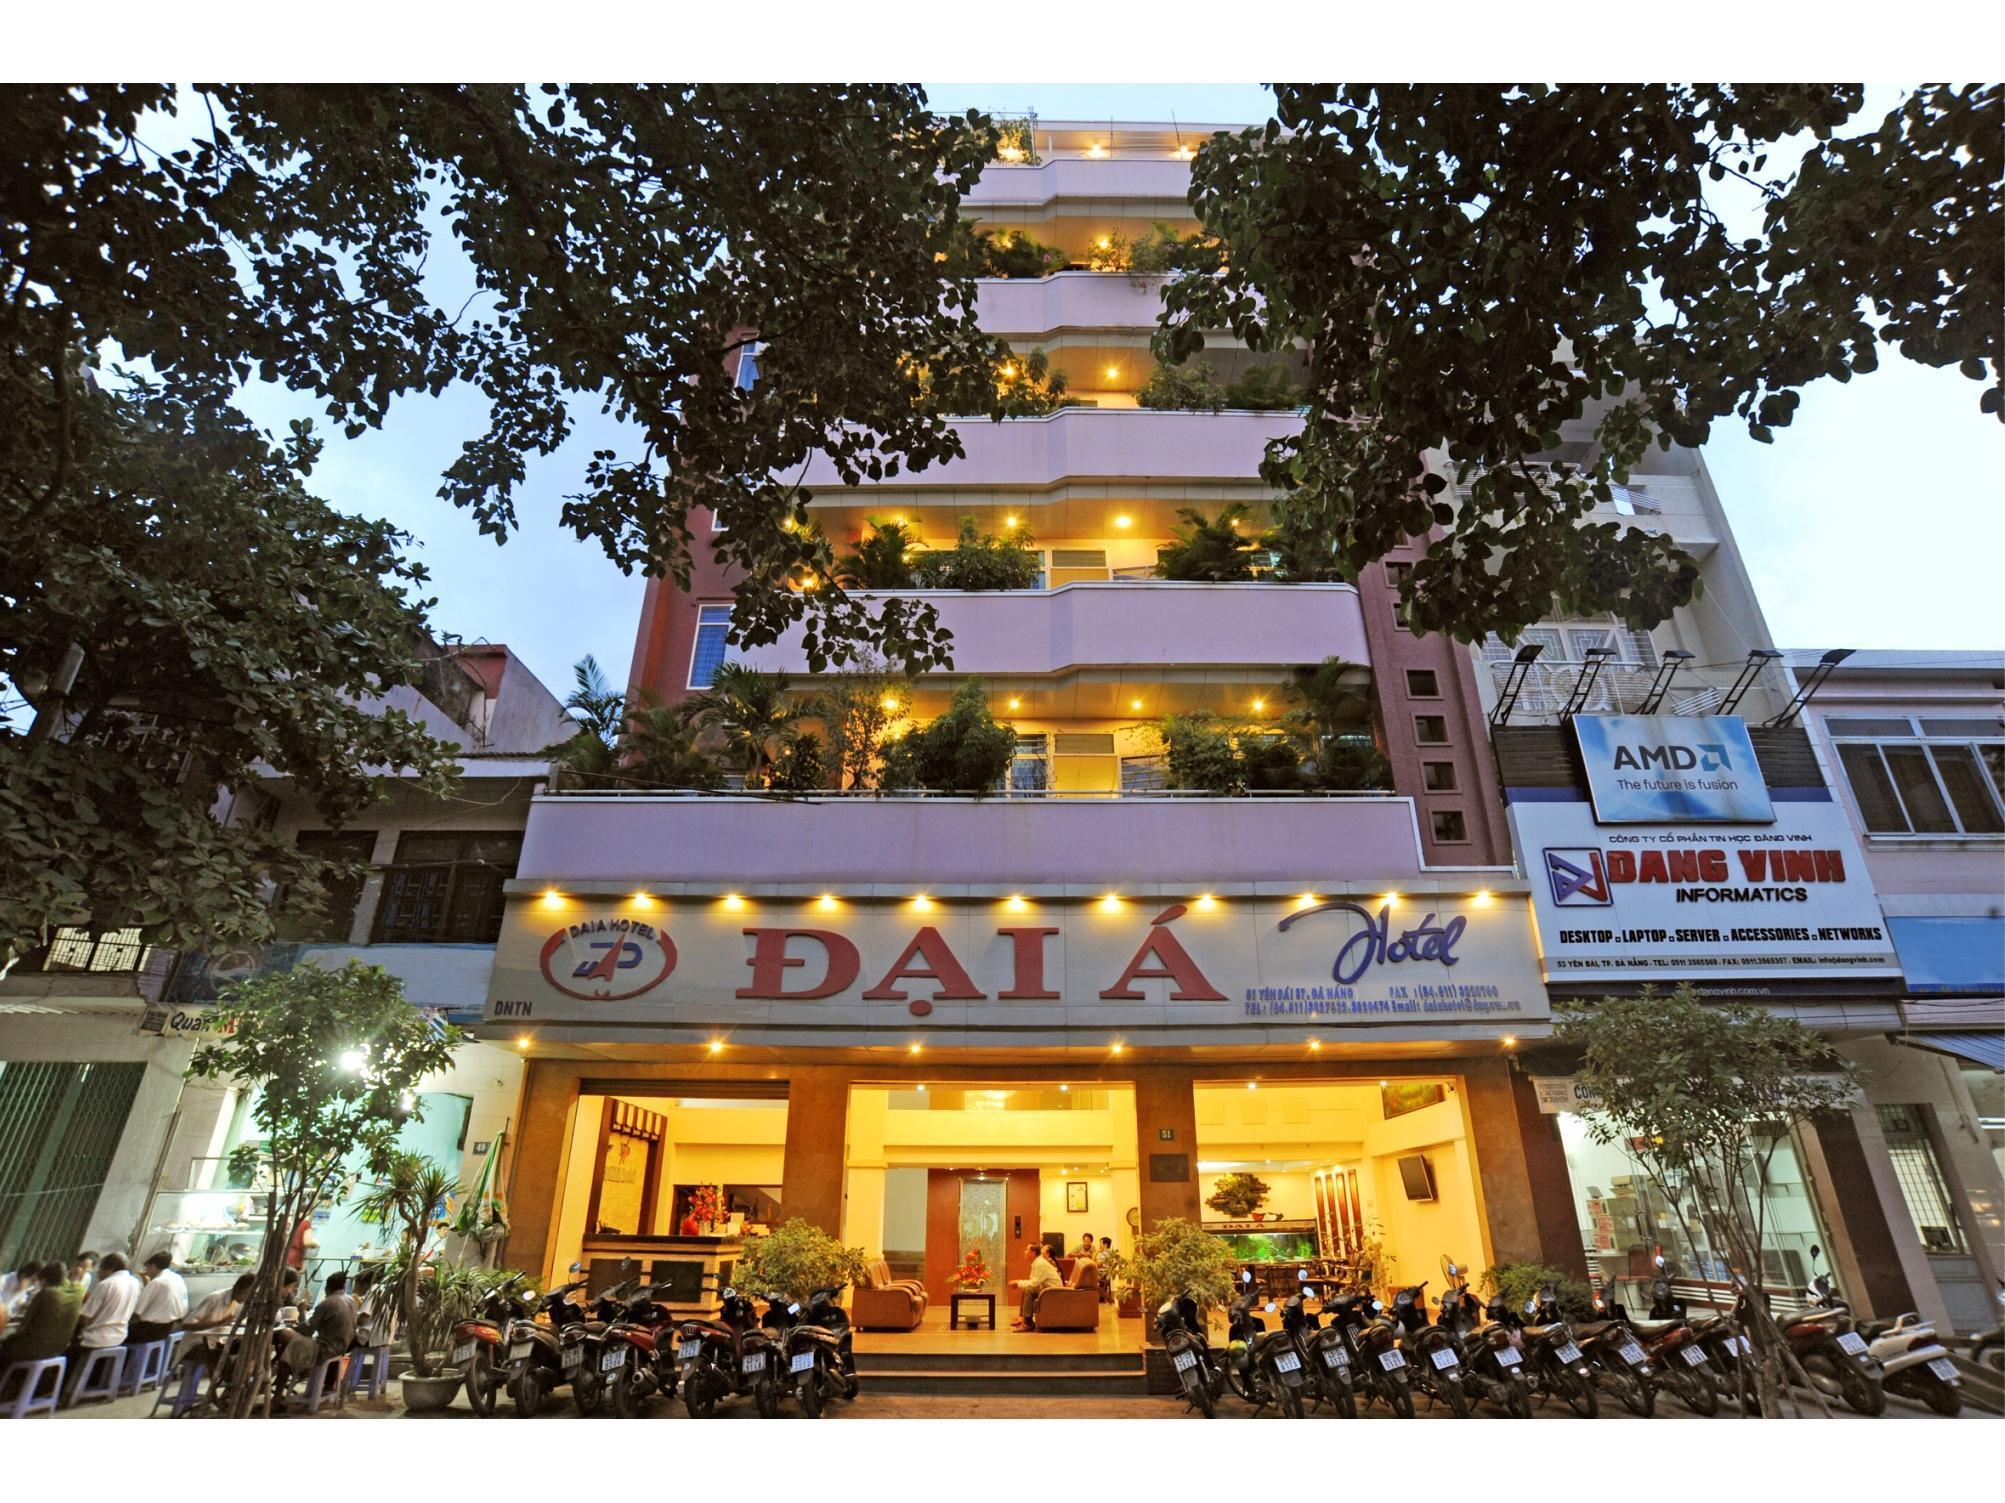 Dai A Hotel - Hotell och Boende i Vietnam , Da Nang